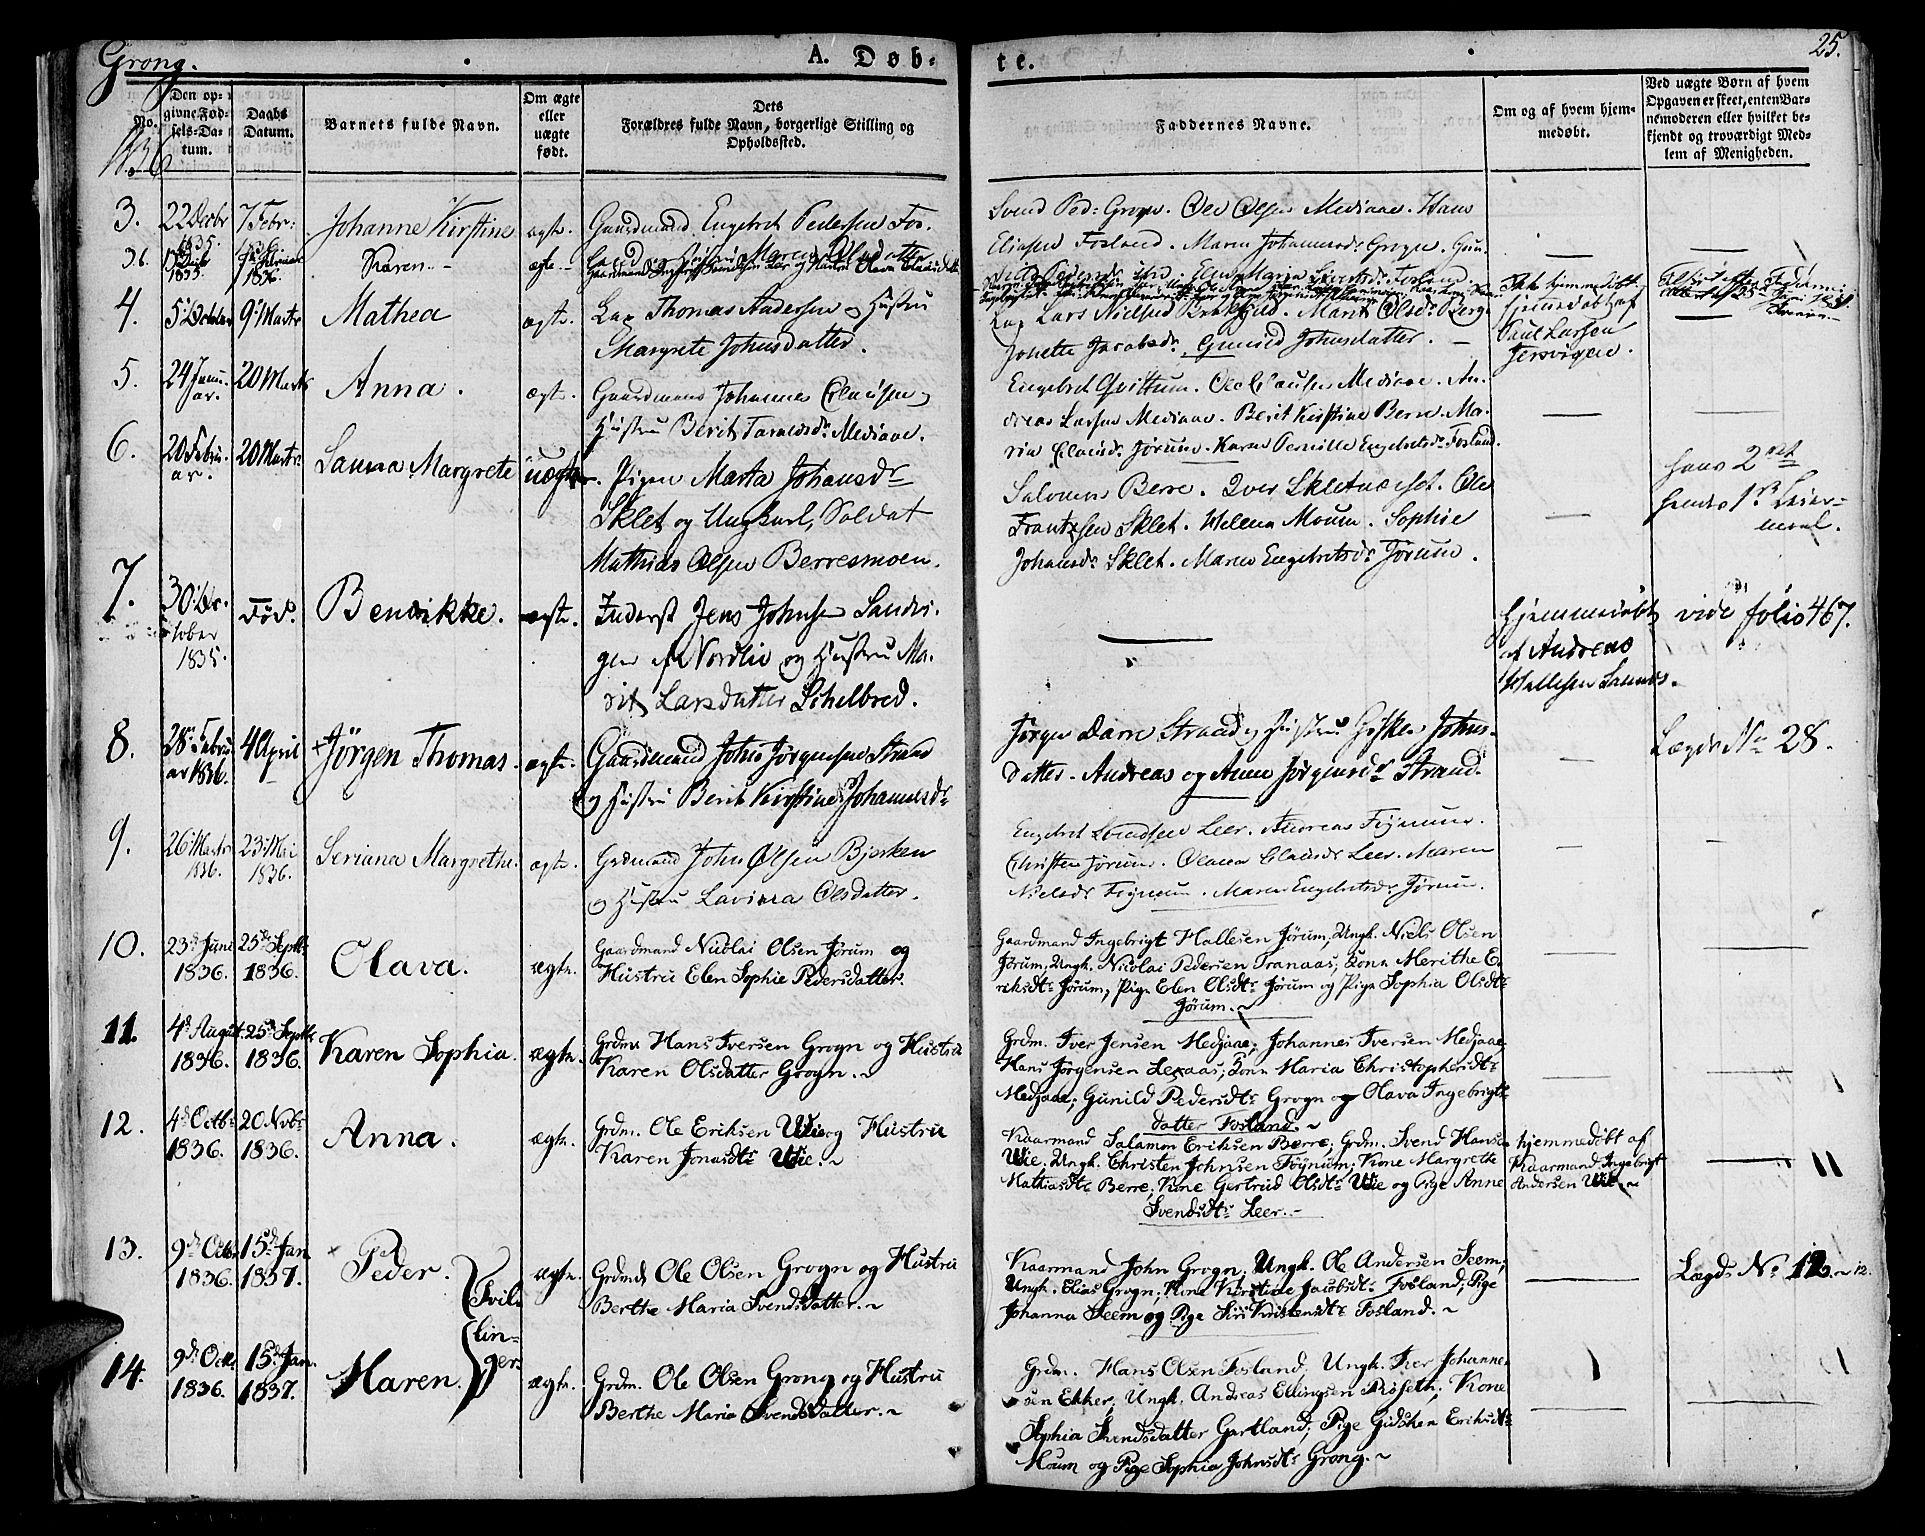 SAT, Ministerialprotokoller, klokkerbøker og fødselsregistre - Nord-Trøndelag, 758/L0510: Ministerialbok nr. 758A01 /1, 1821-1841, s. 25